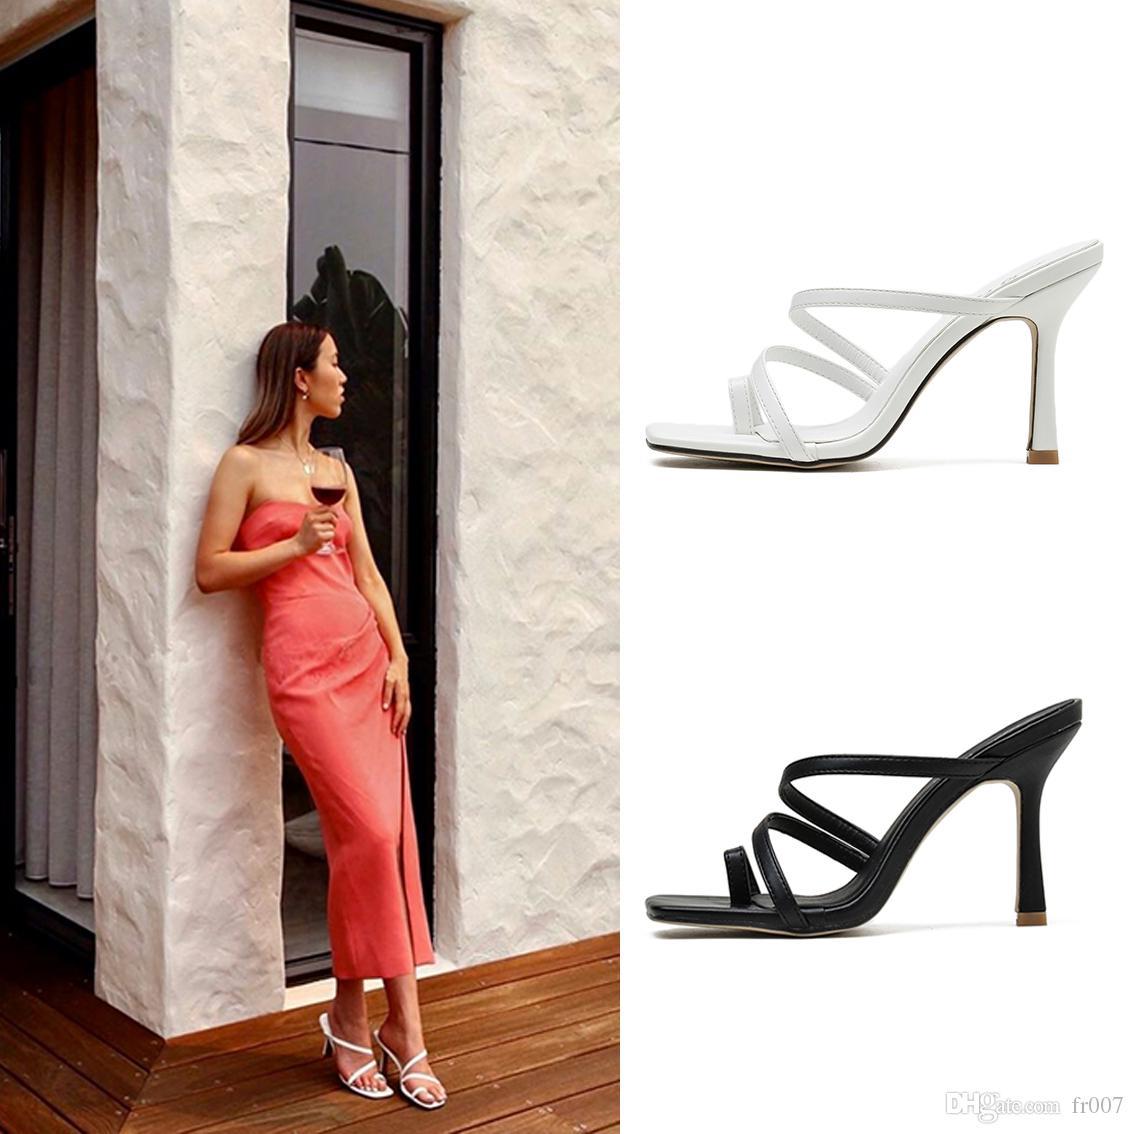 New Luxury Tacchi Alti sandalo in pelle scamosciata mid-heel 9 cm Donne Sandali Del Progettista Degli Alti Talloni di estate Sexy Sandali taglia 35-41